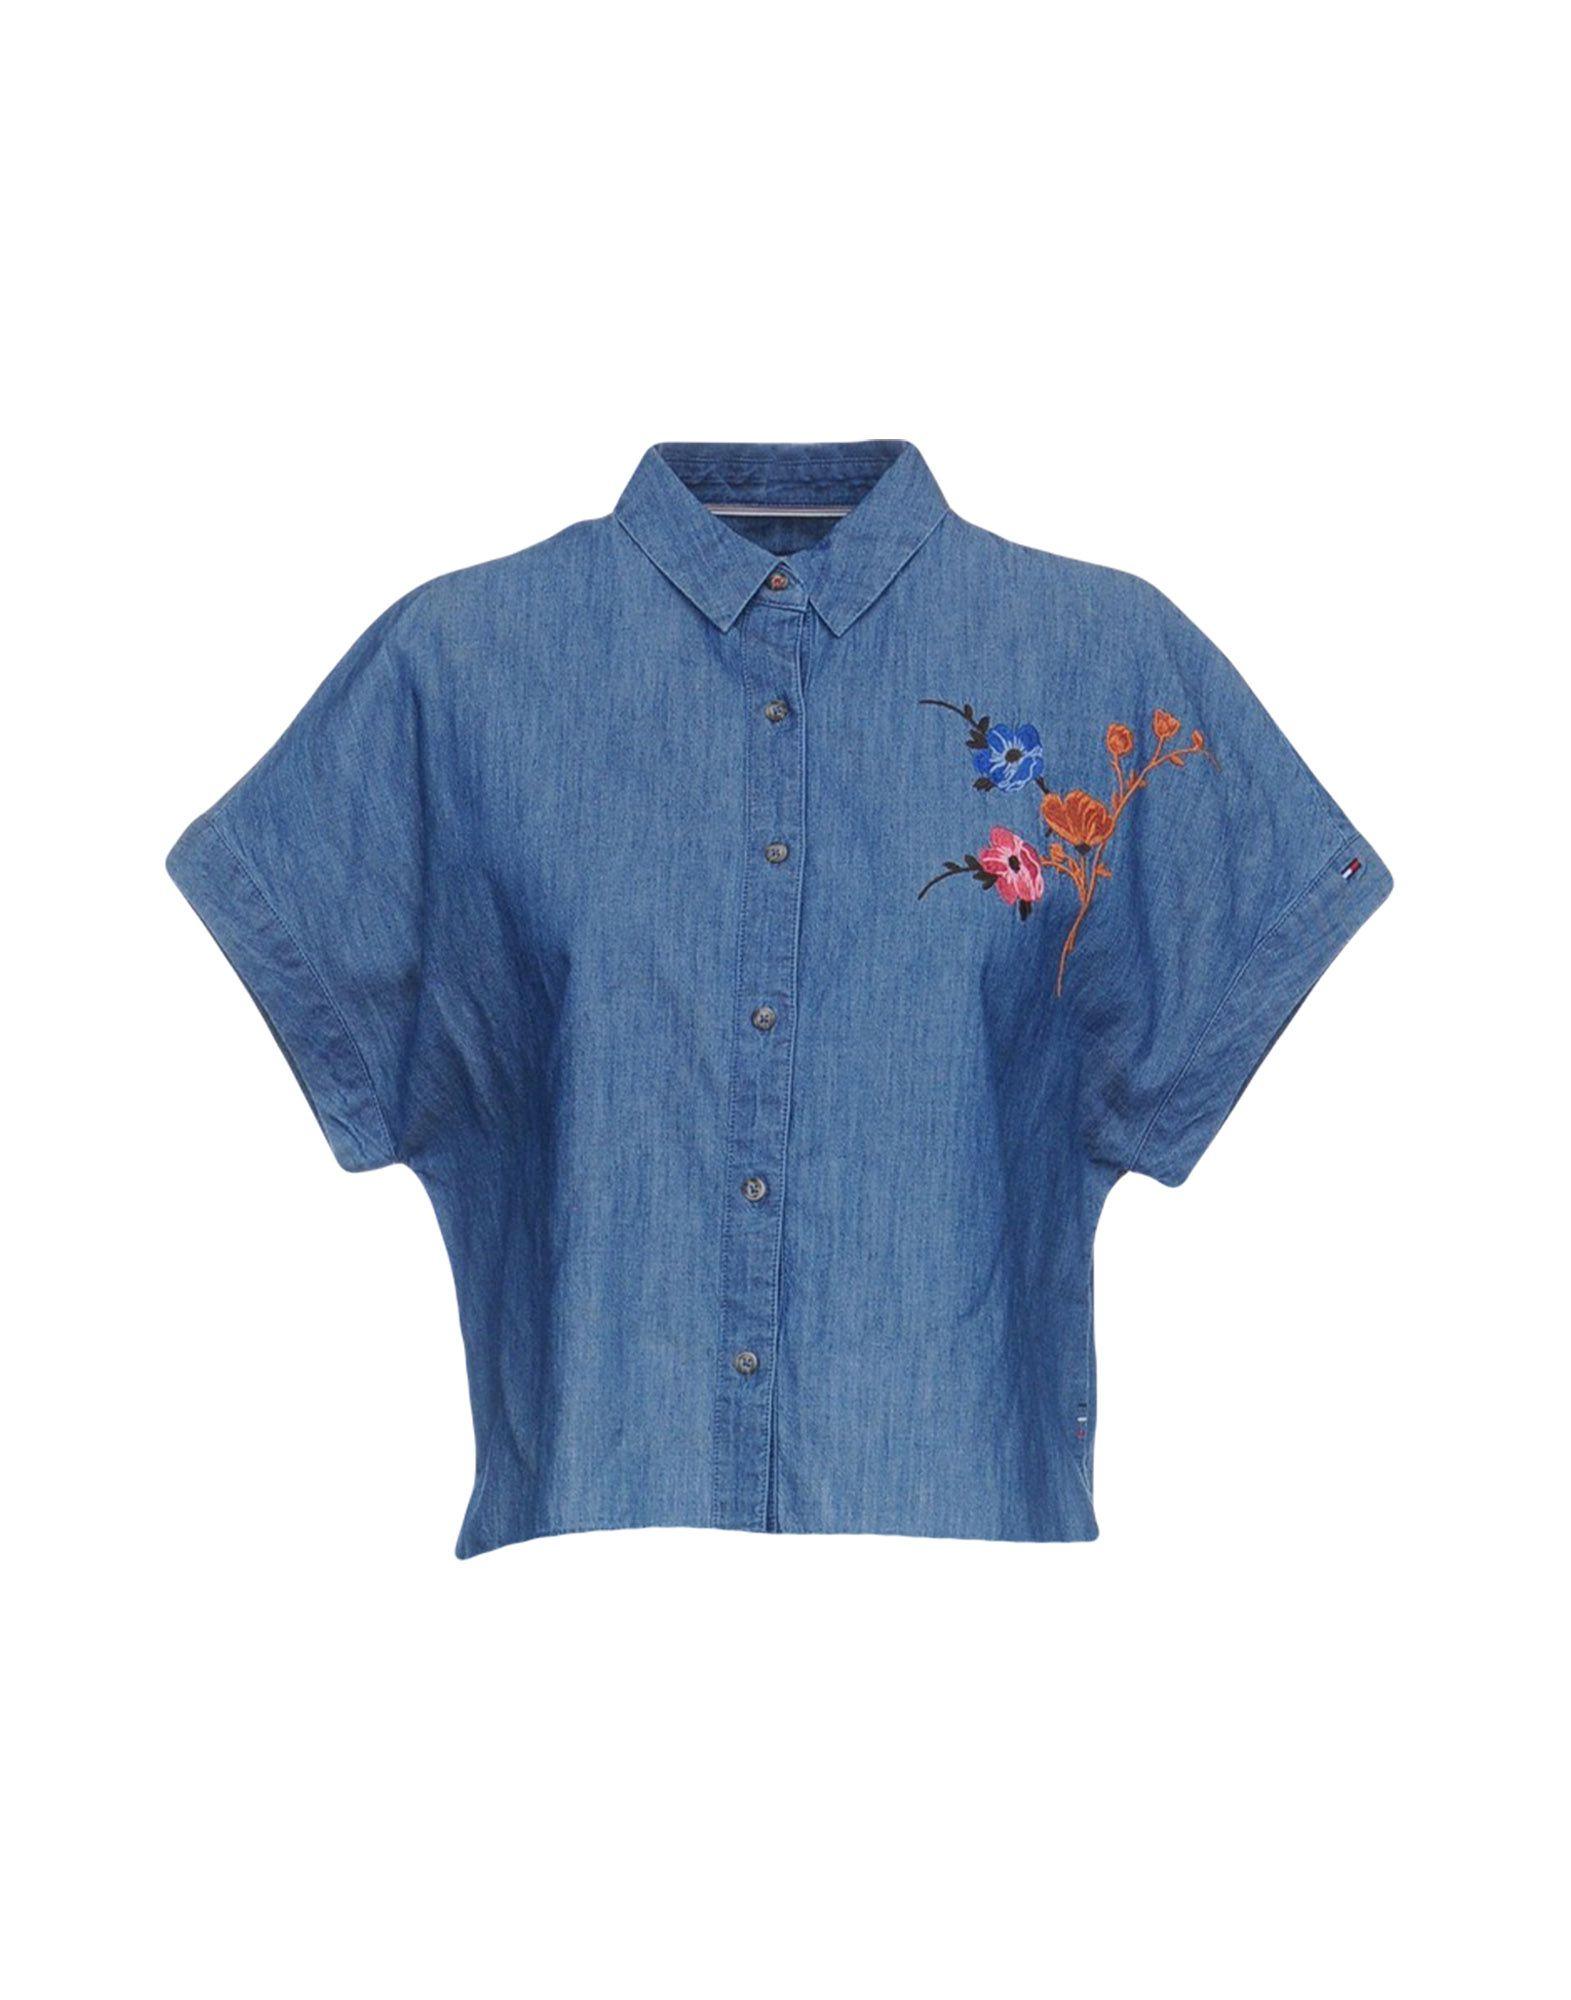 TOMMY HILFIGER DENIM Джинсовая рубашка футболка tommy hilfiger denim tommy hilfiger denim to013ewtpb98